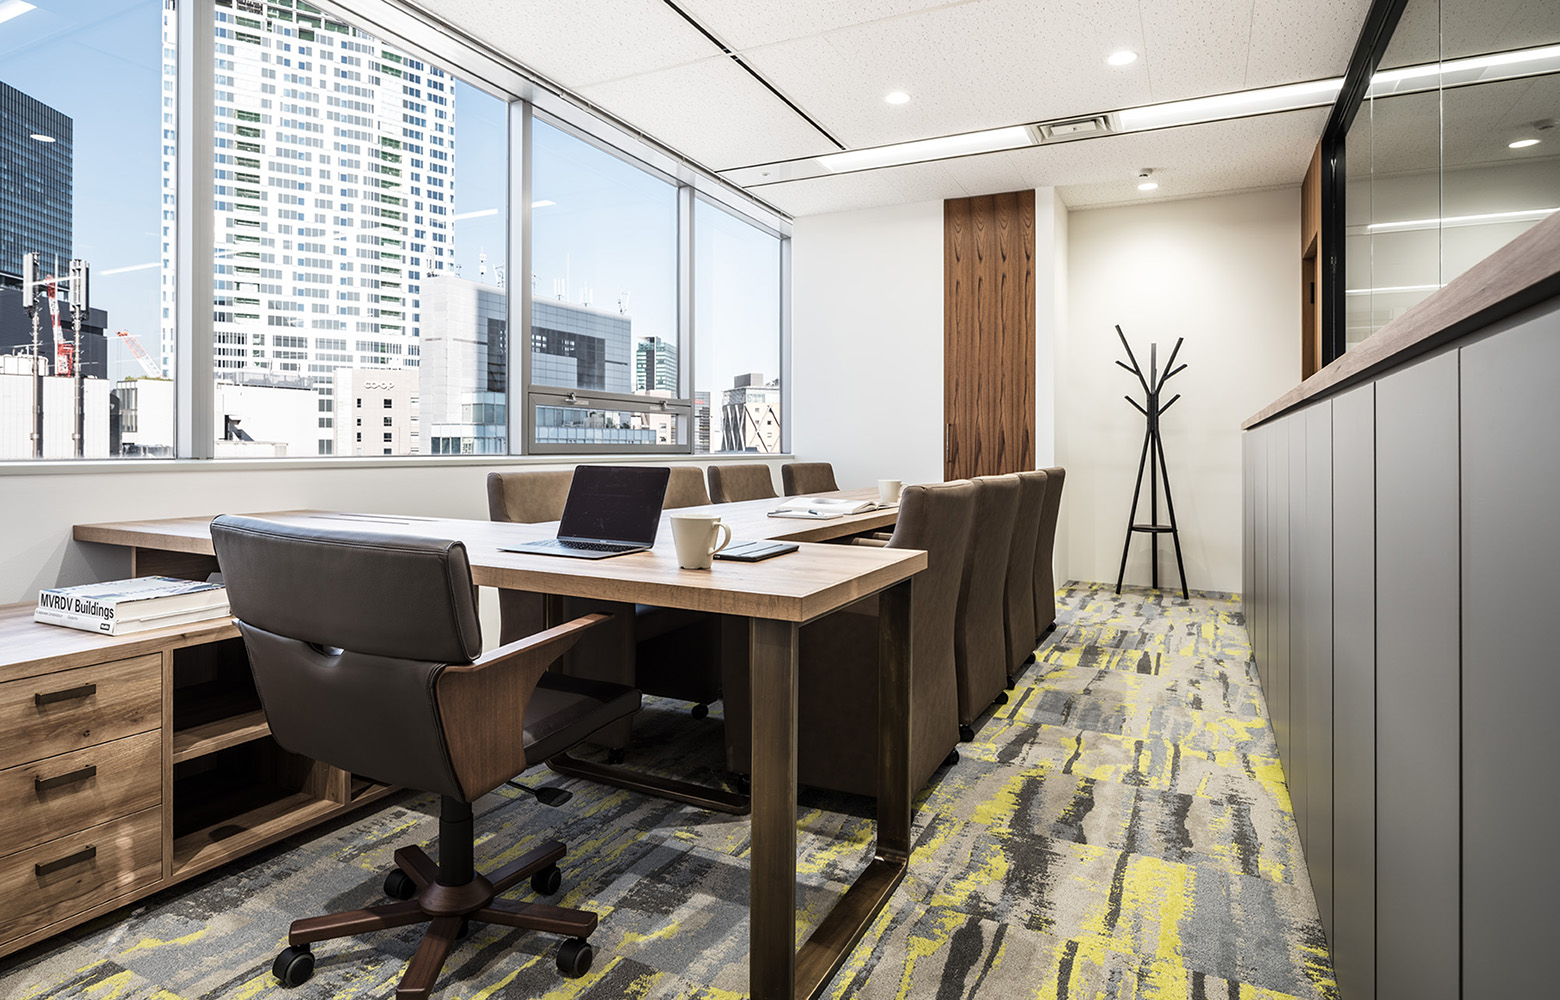 株式会社日本ワークス President's Room デザイン・レイアウト事例